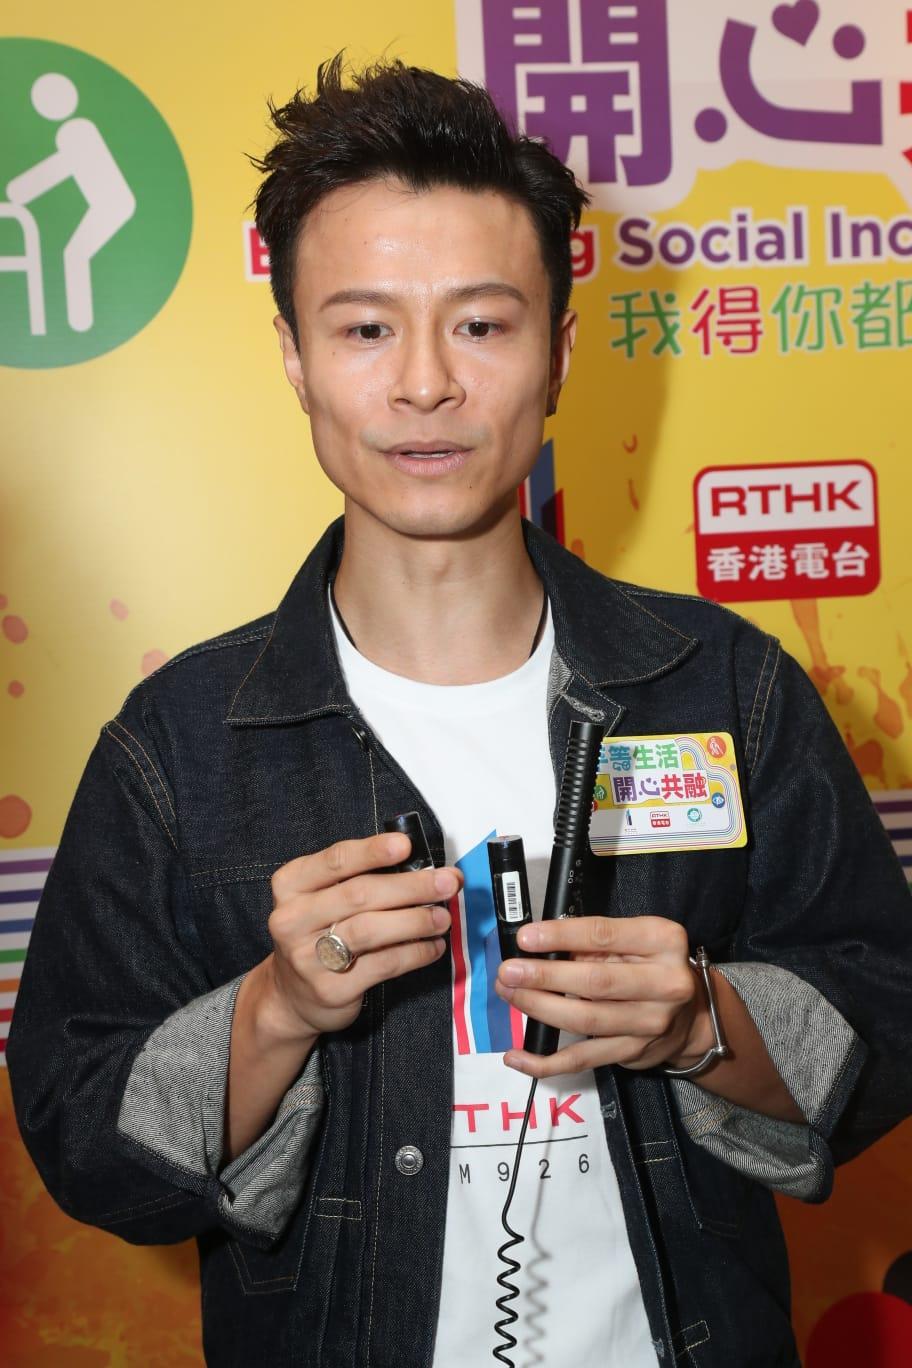 陳健安想在演唱會上盡量唱自己的作品,所以要努力儲歌。